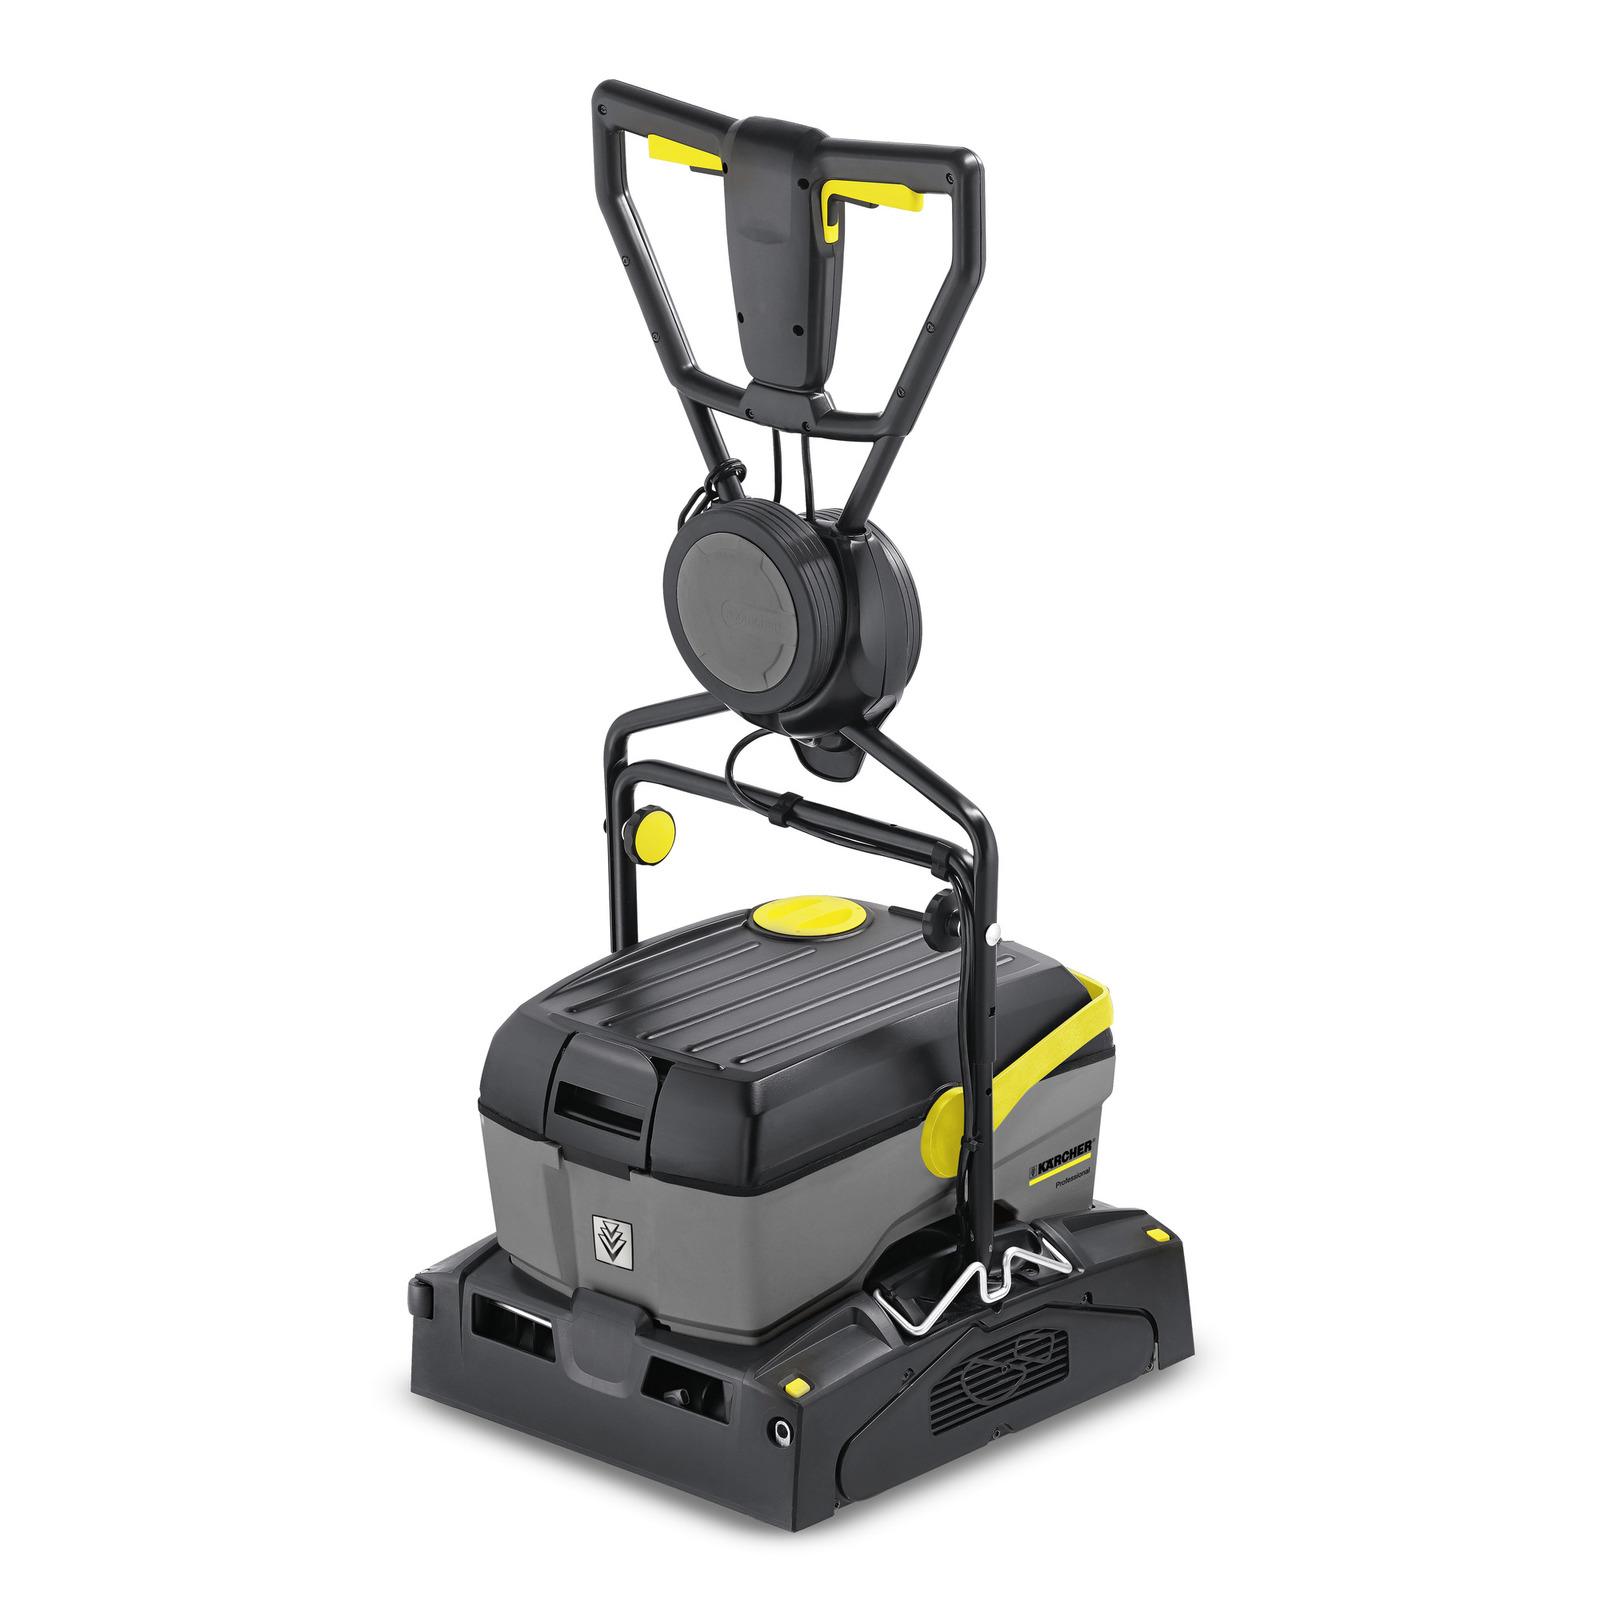 Lavasciuga pavimenti compatte br 40 10 c i adv k rcher s for Lavasciuga compatta